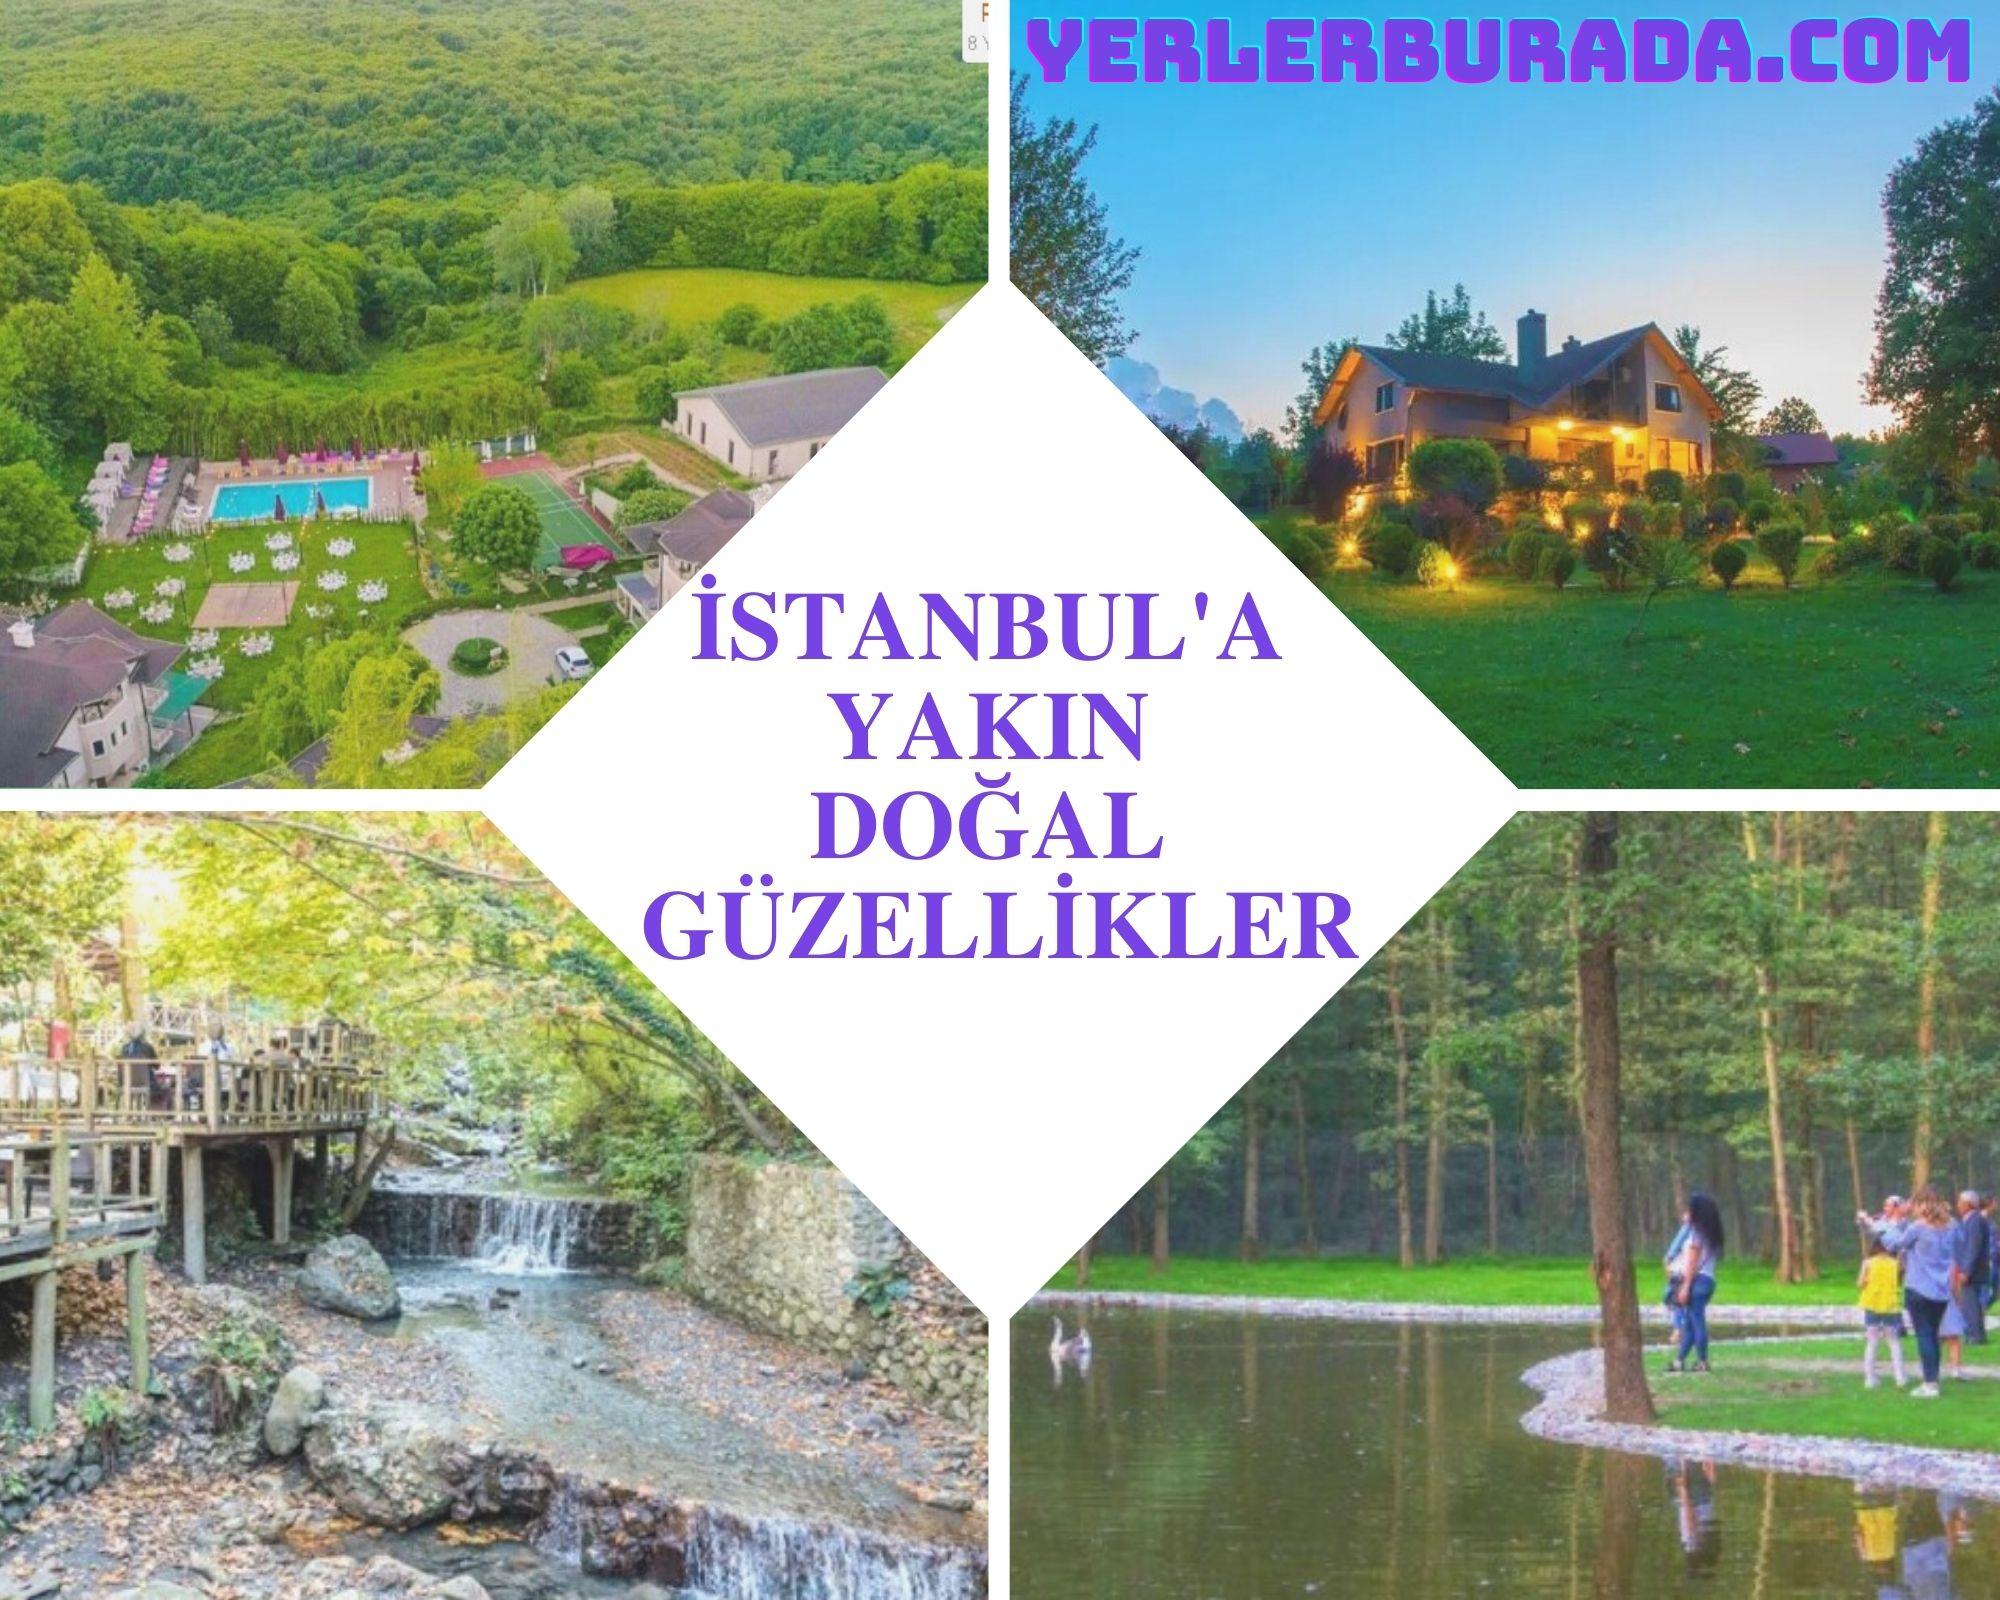 istanbula yakın doğal güzellikler